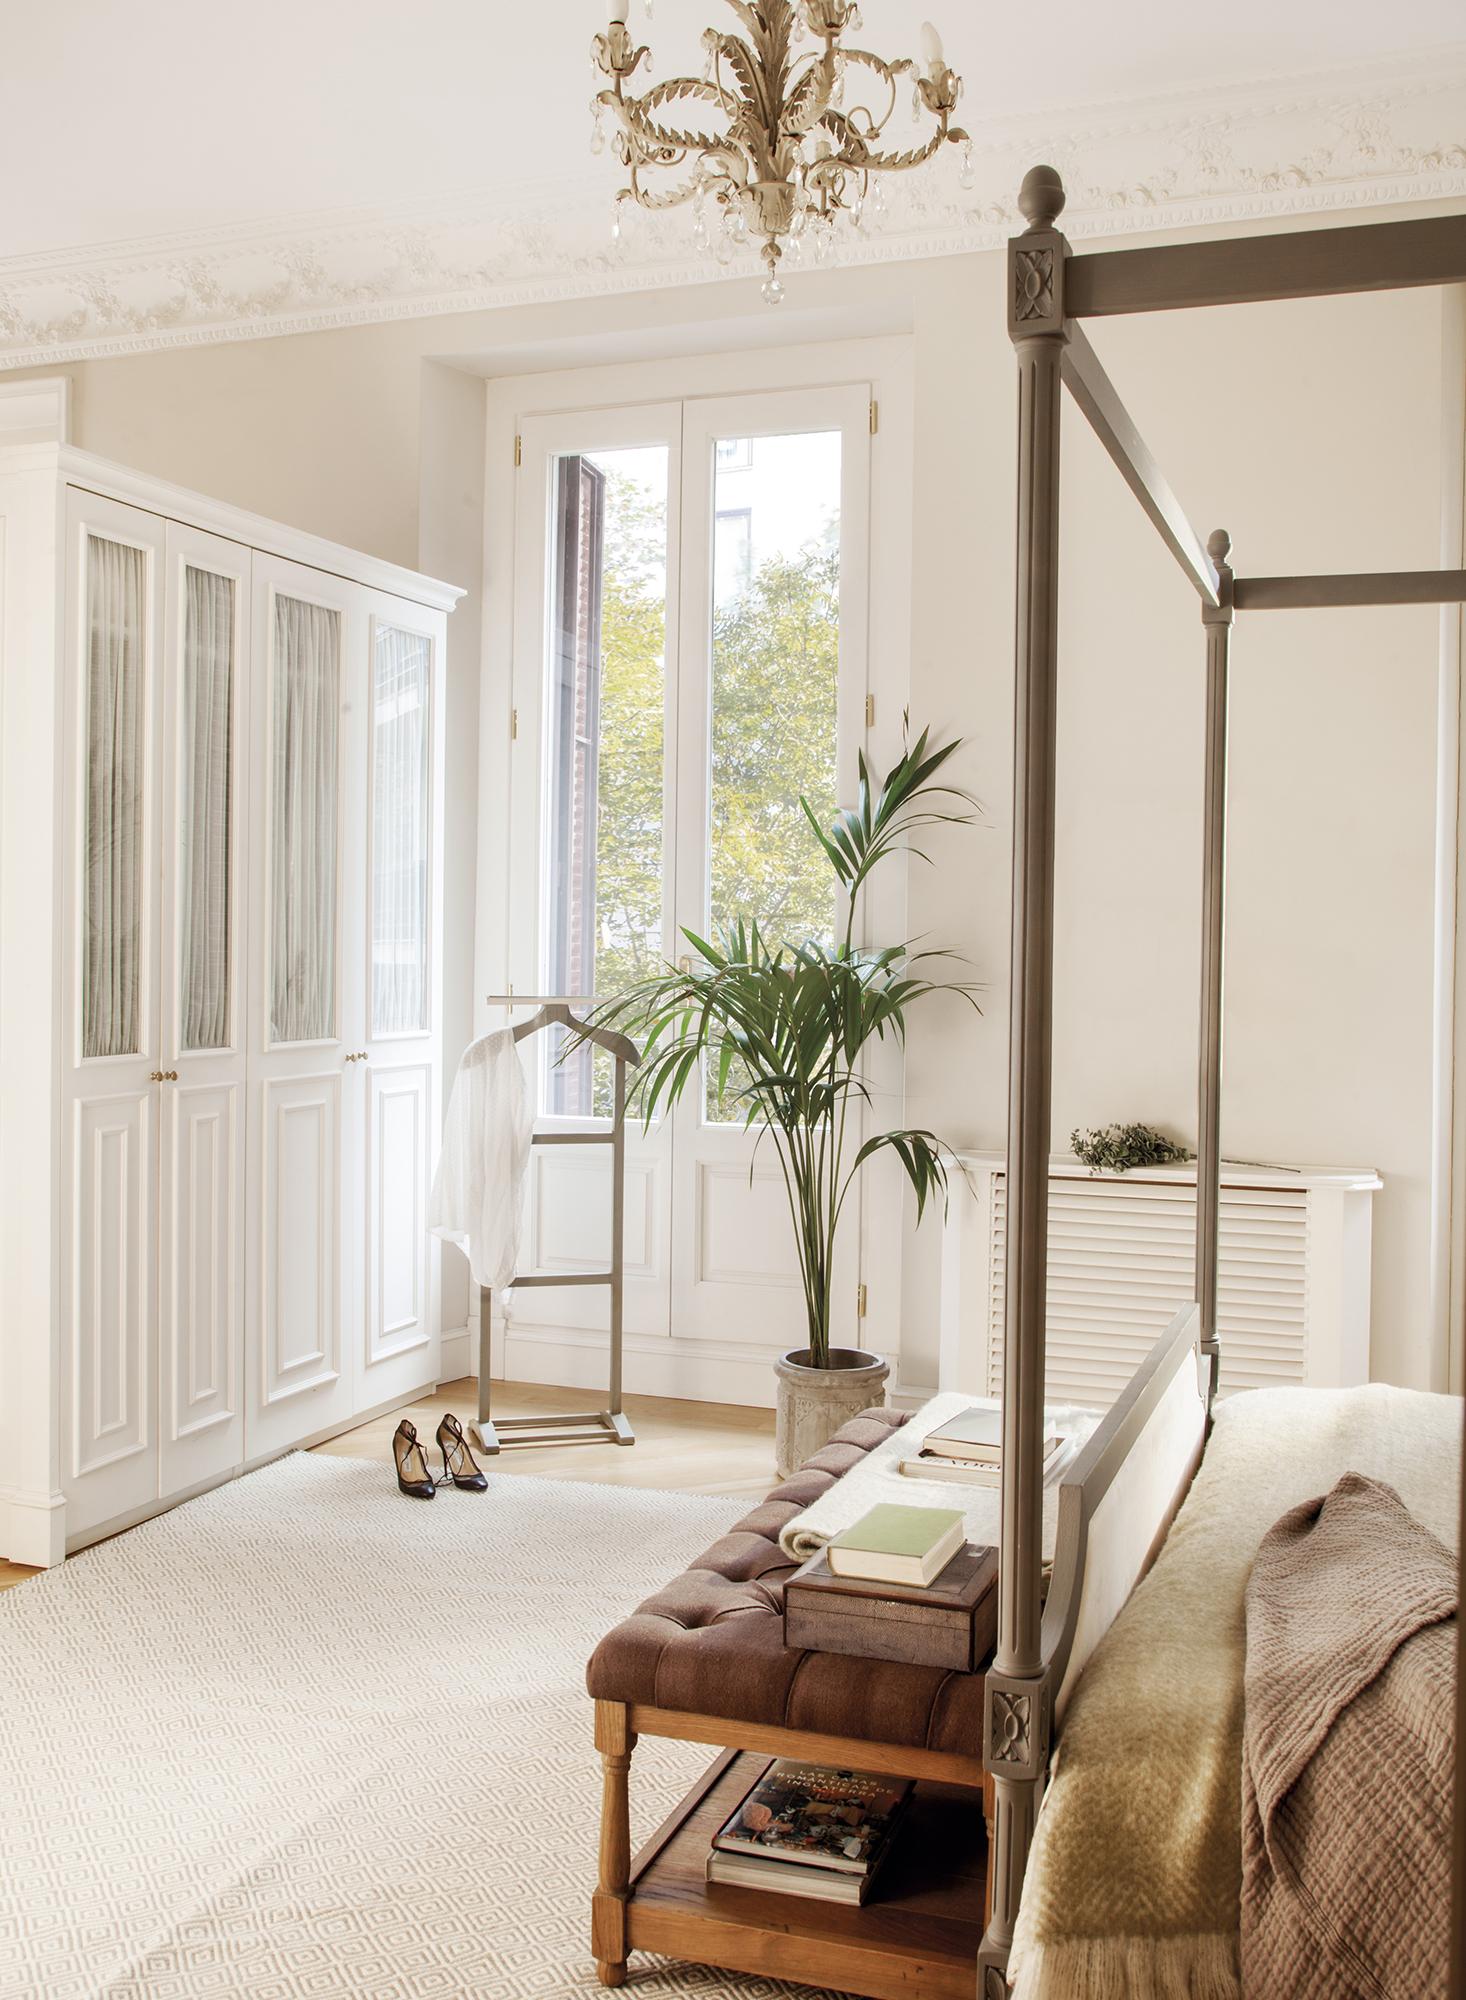 MG 6499.  Dormitorio principal con armario y cama con dosel MG 6499